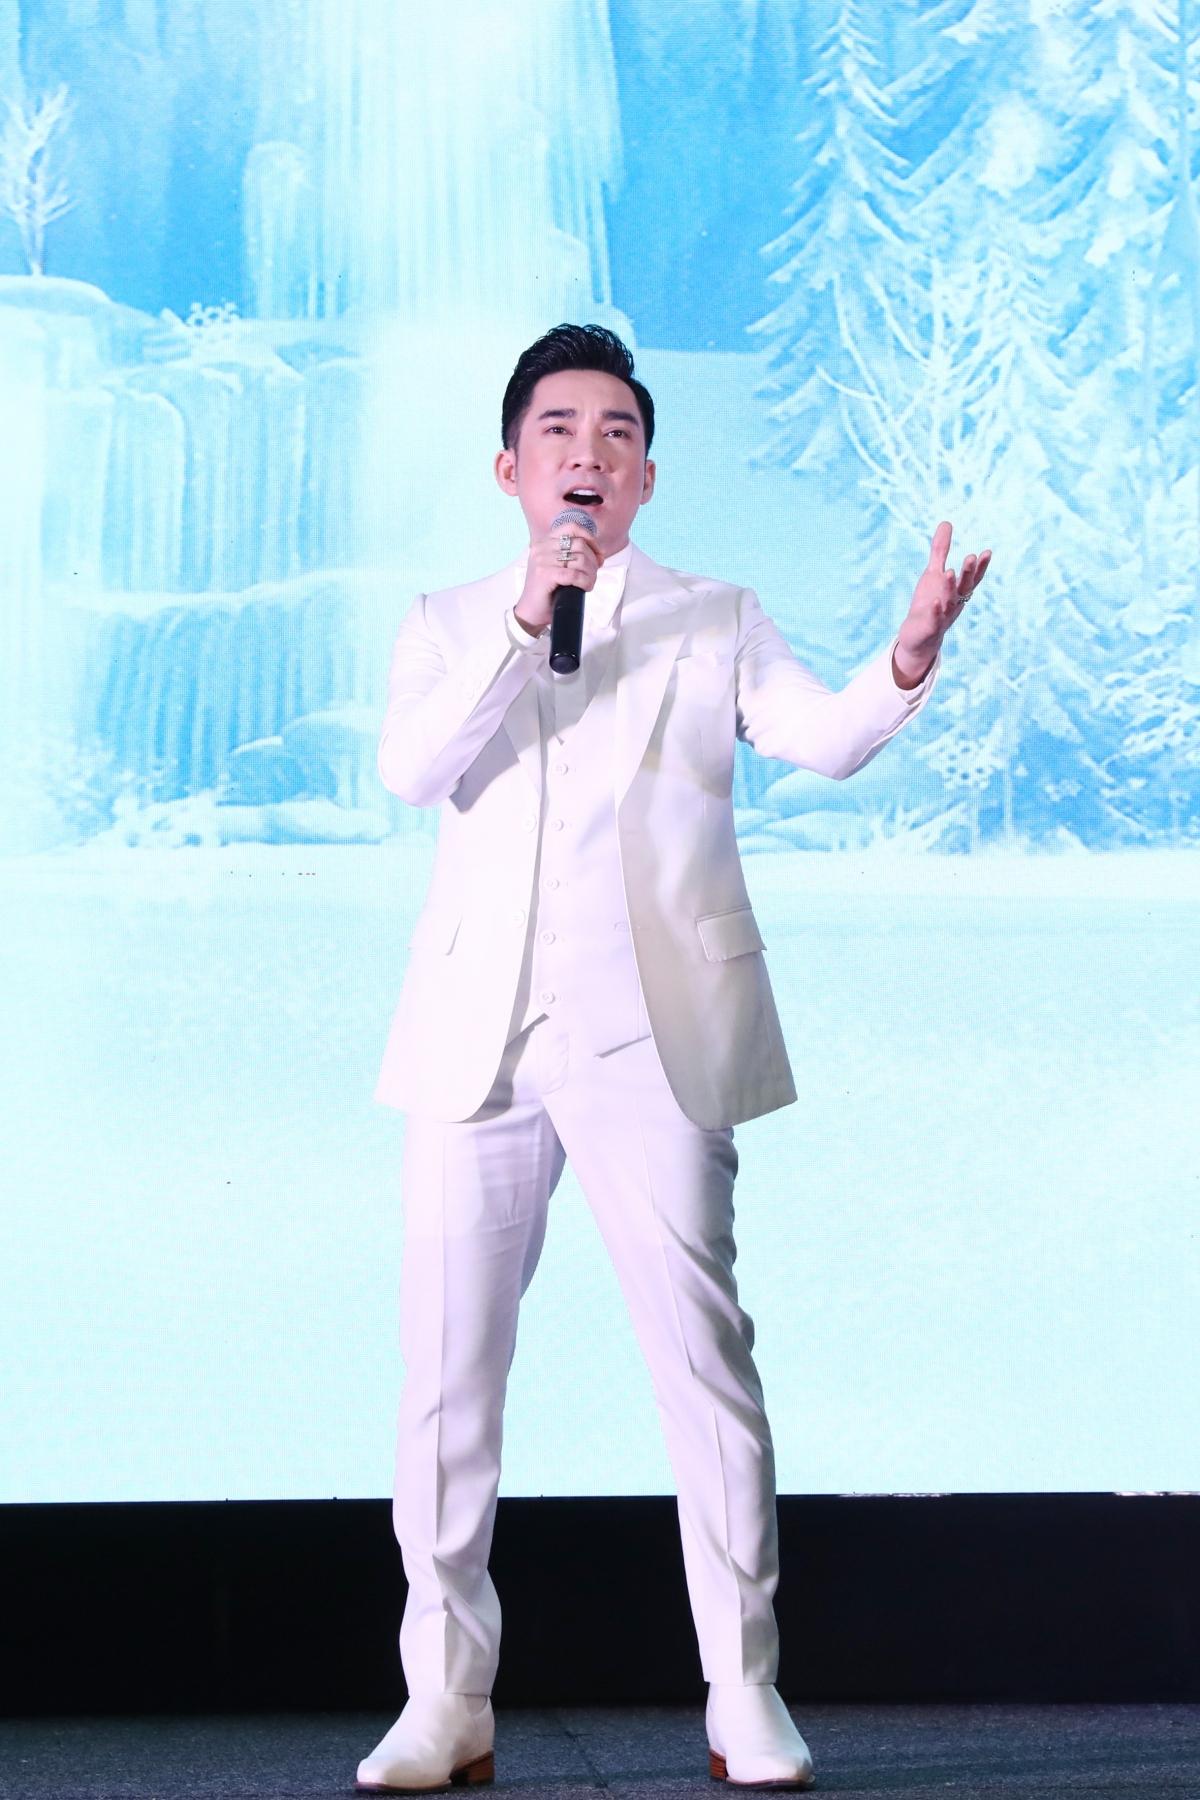 Nam ca sĩ thể hiện một trong những bản hit của mình trên sân khấu.